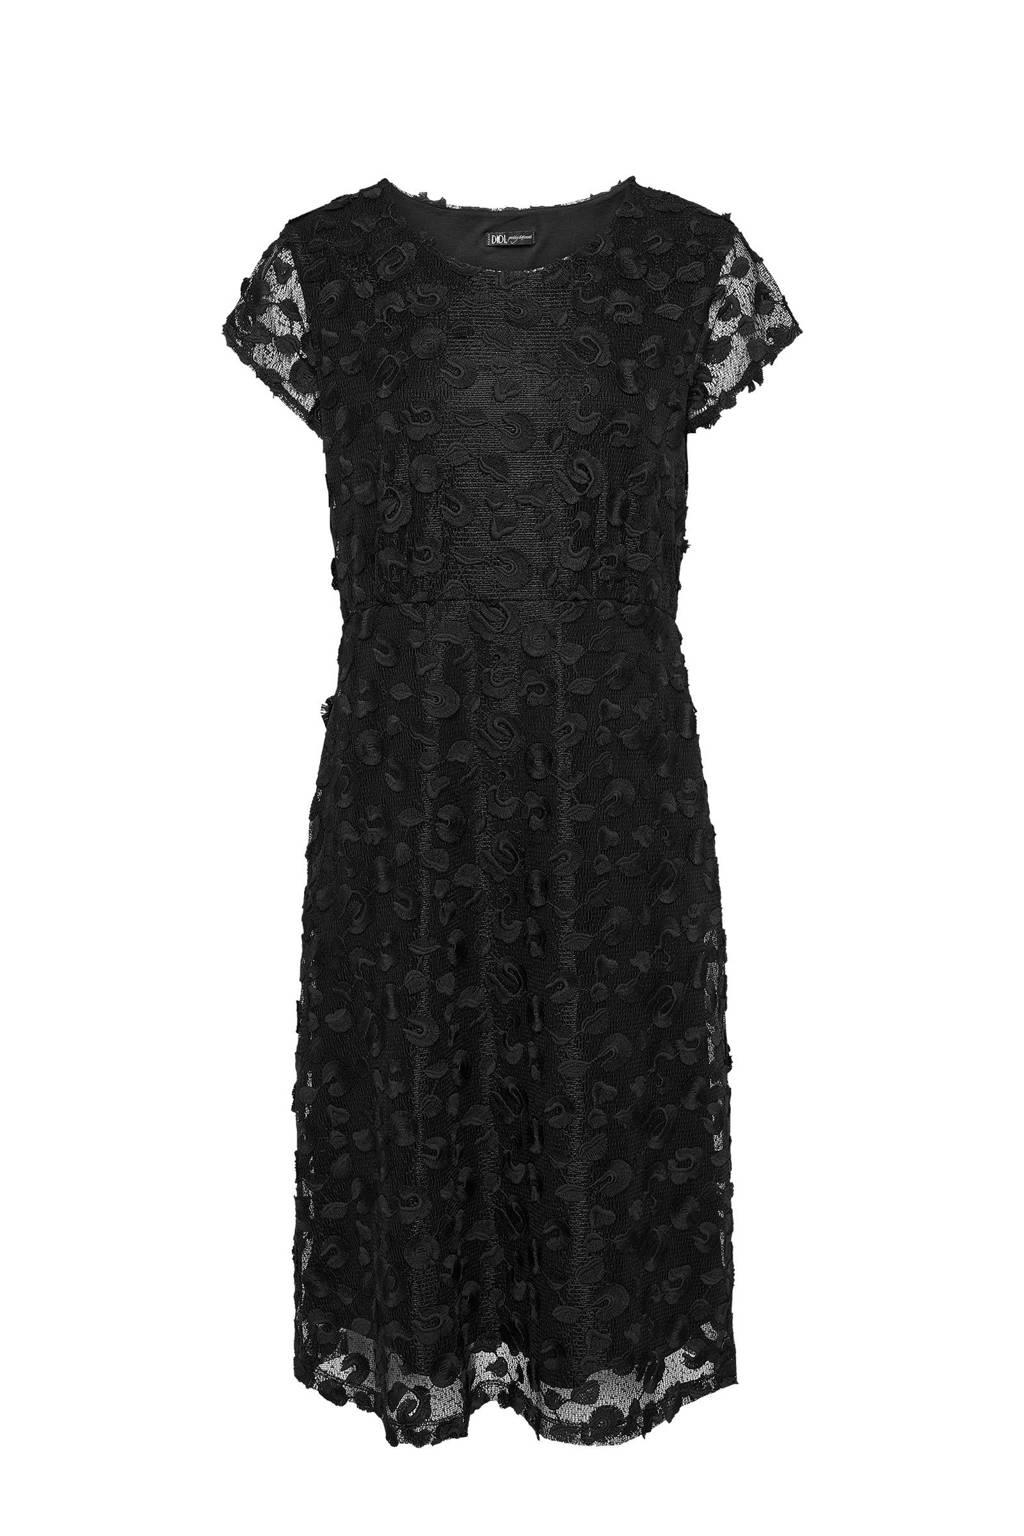 Didi kanten jurk zwart, Zwart